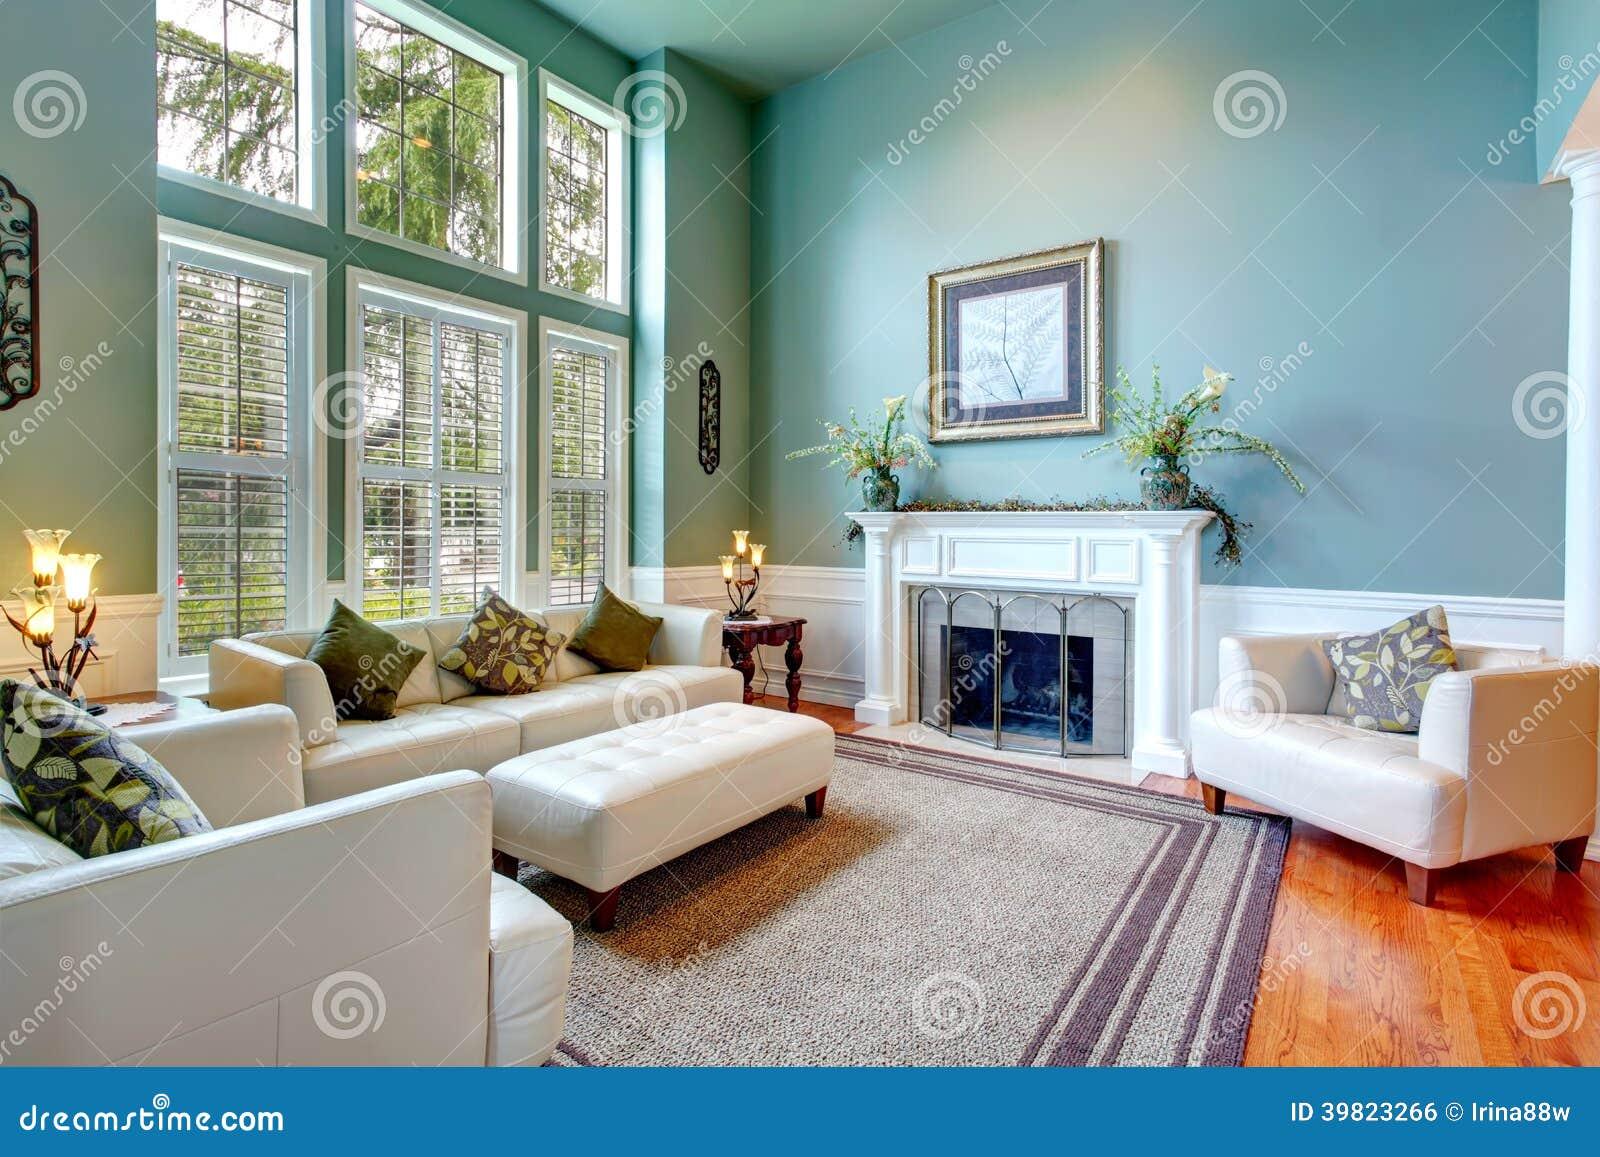 Luxury House Interior Elegant Living Room Stock Photo